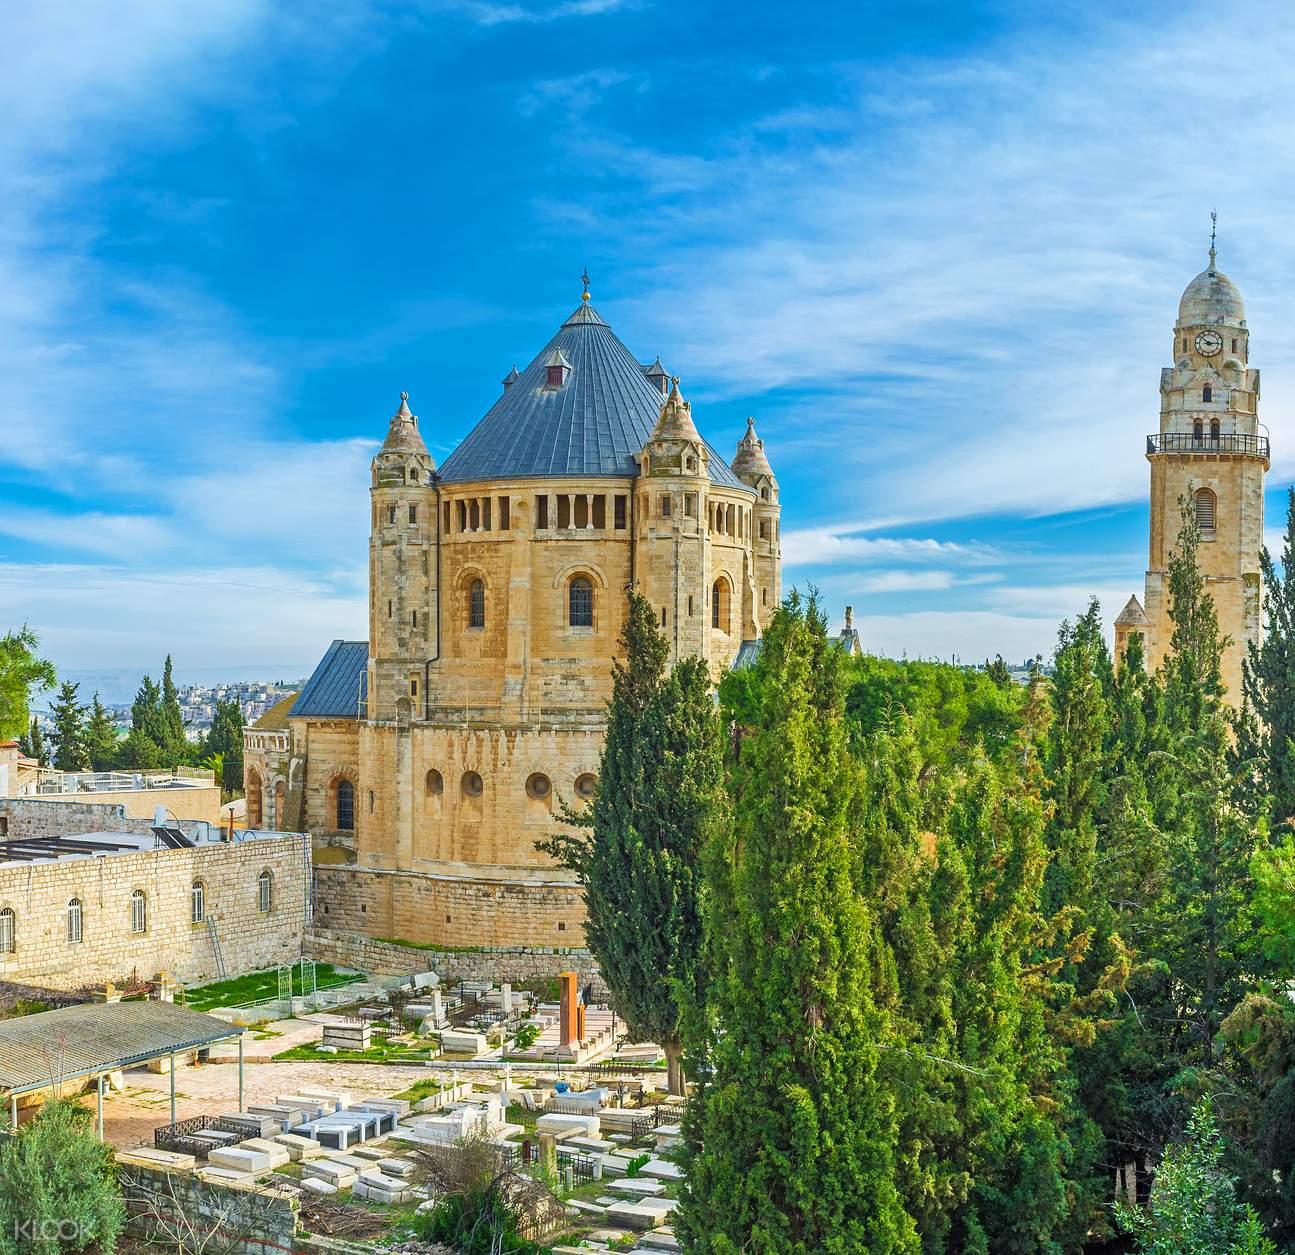 耶路撒冷一日游,耶路撒冷团队游,耶路撒冷旅行,耶路撒冷旅游